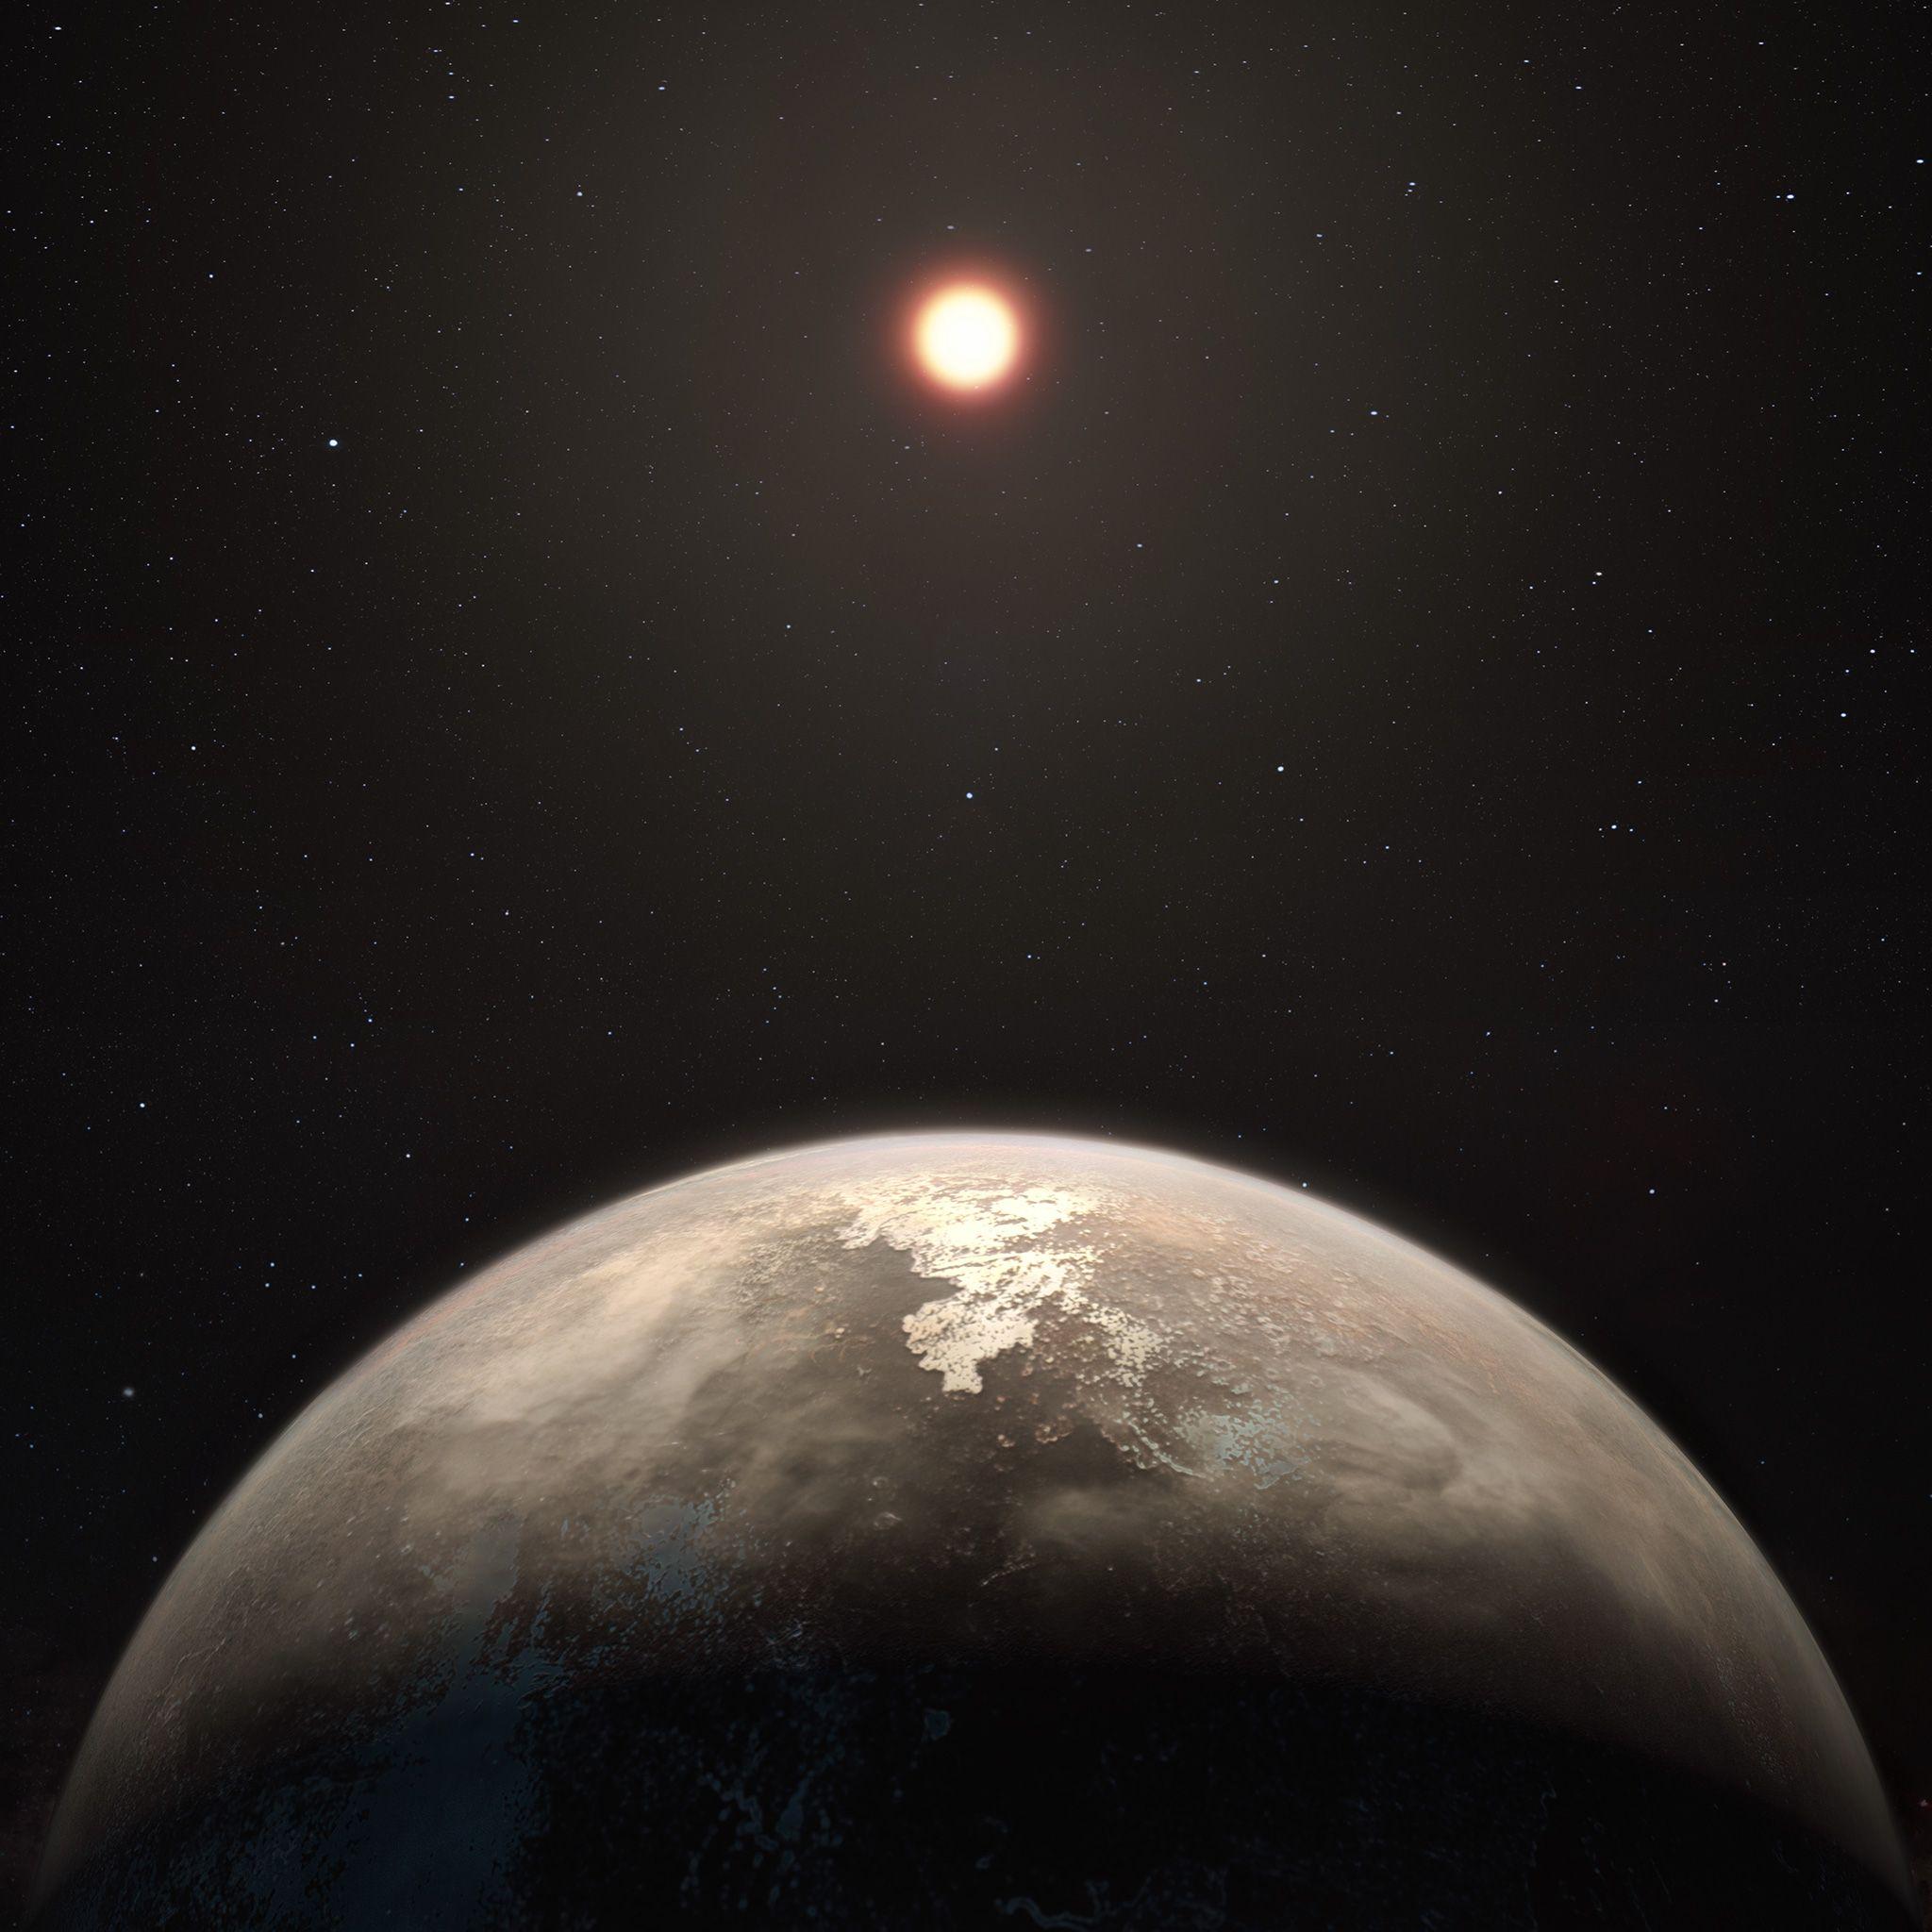 Une nouvelle planète de la taille de la Terre a été découverte